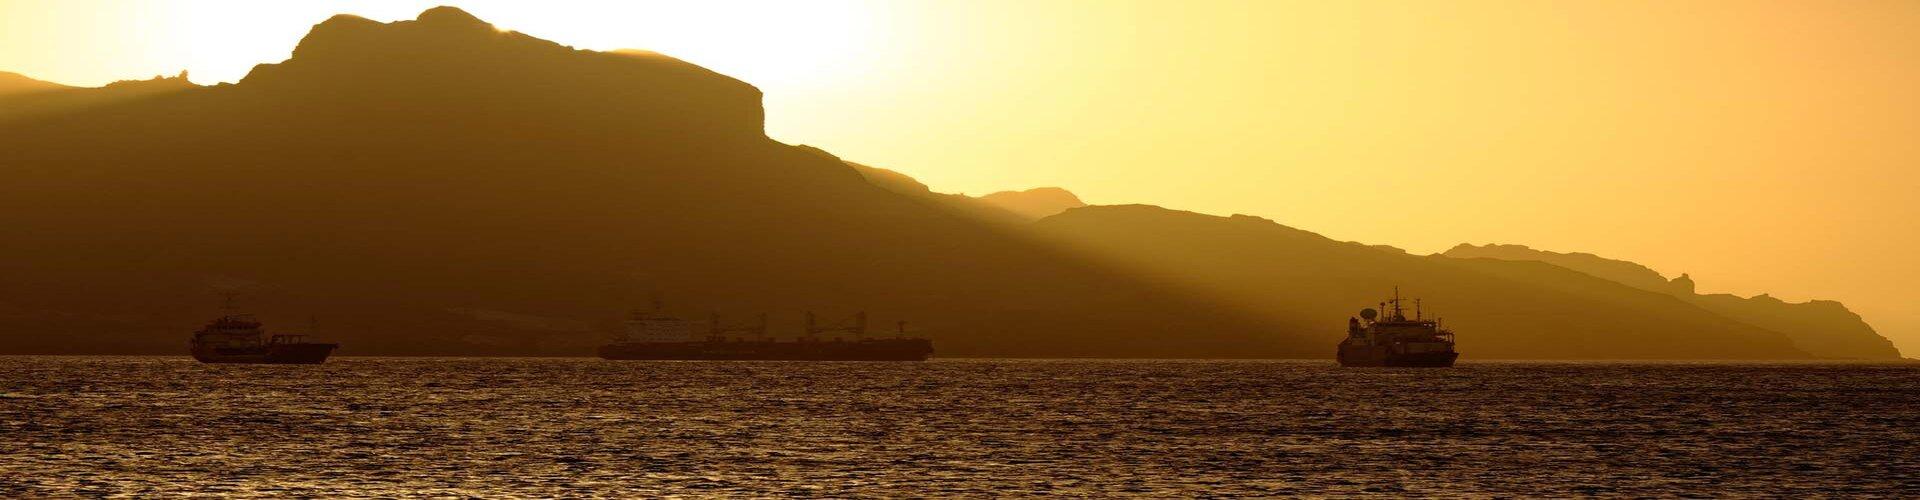 Cape Verde gidiş dönüş